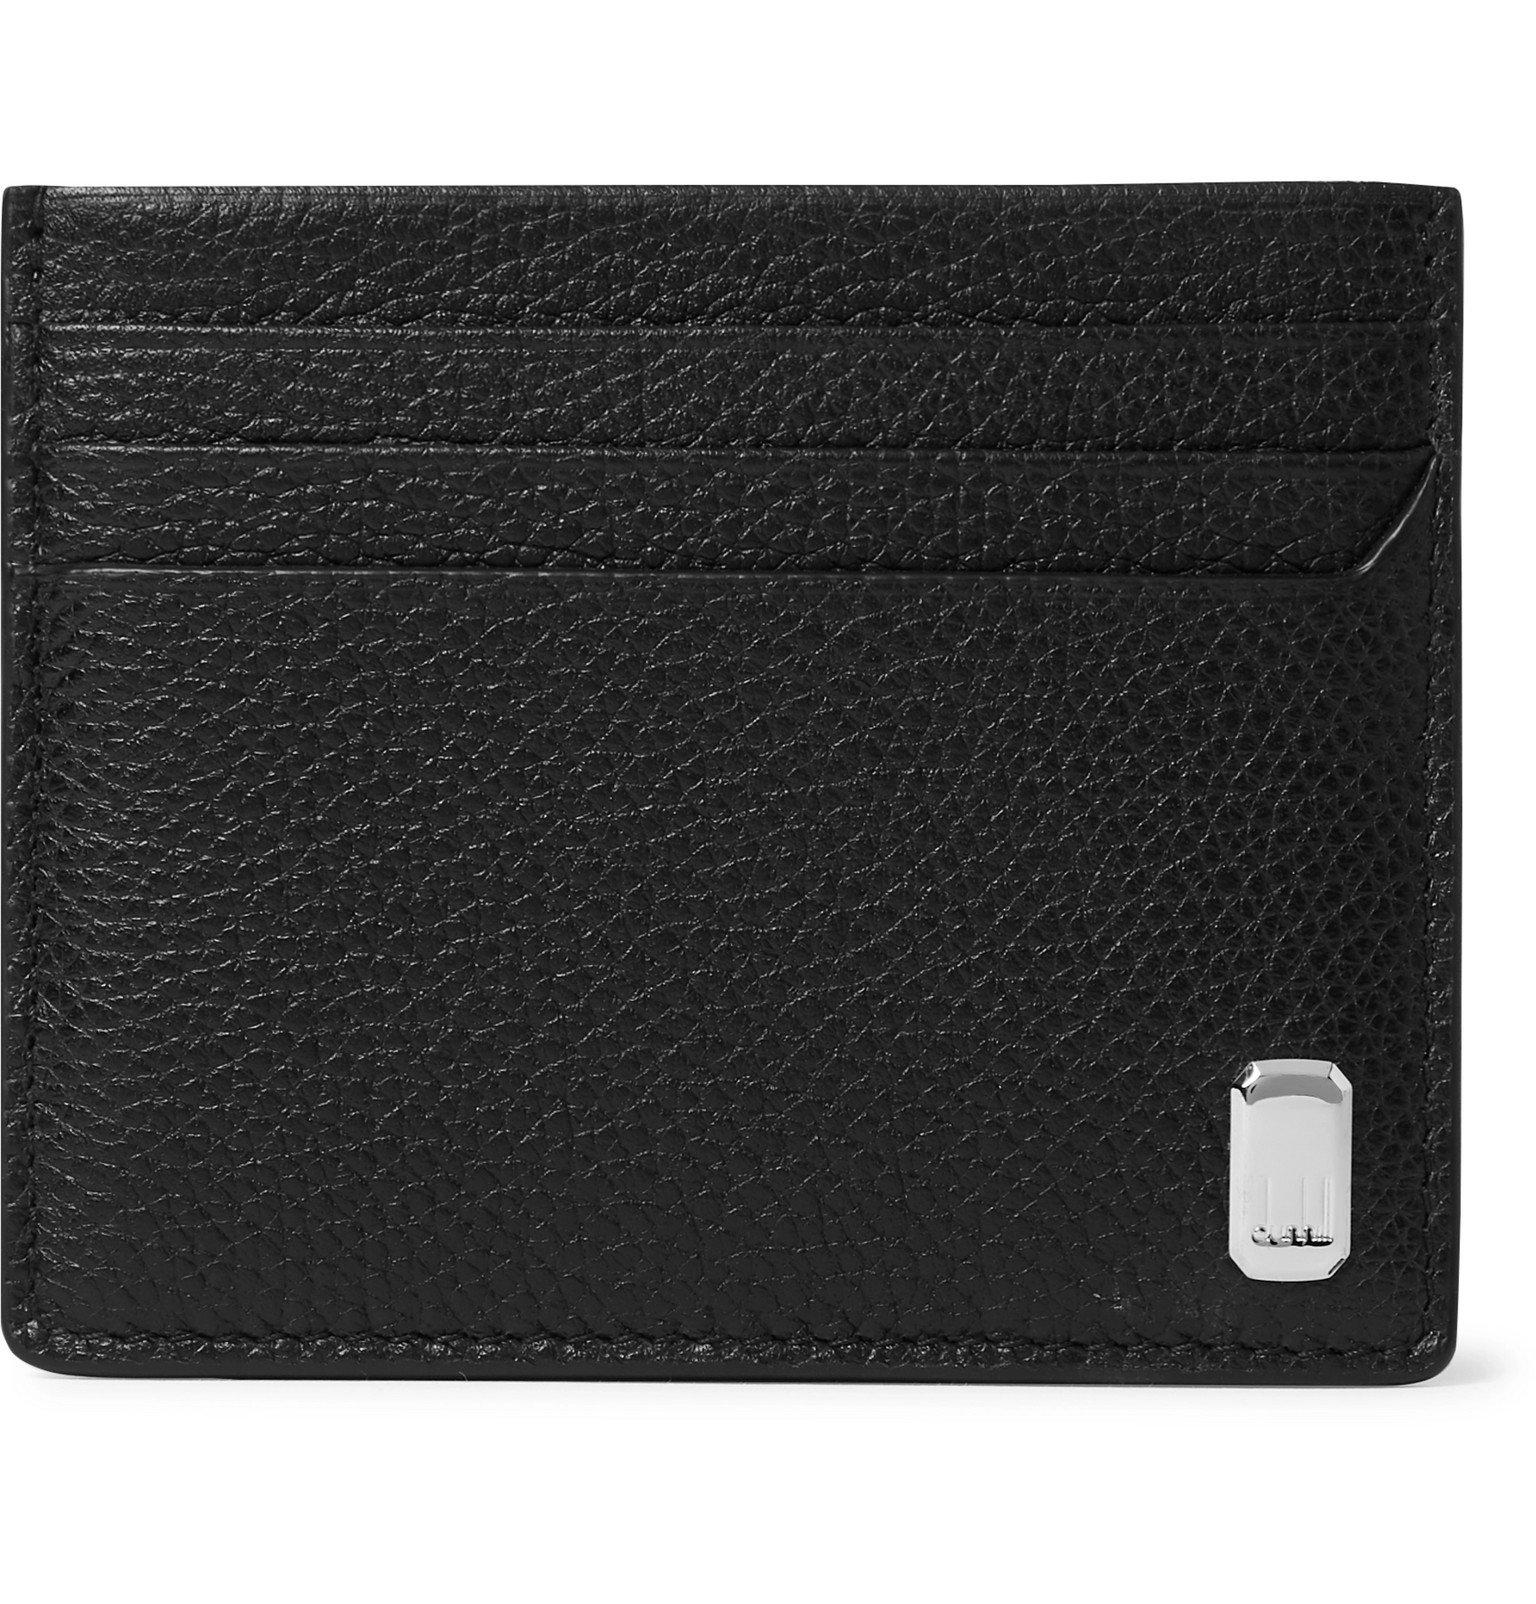 Dunhill - Belgrave Full-Grain Leather Cardholder - Black